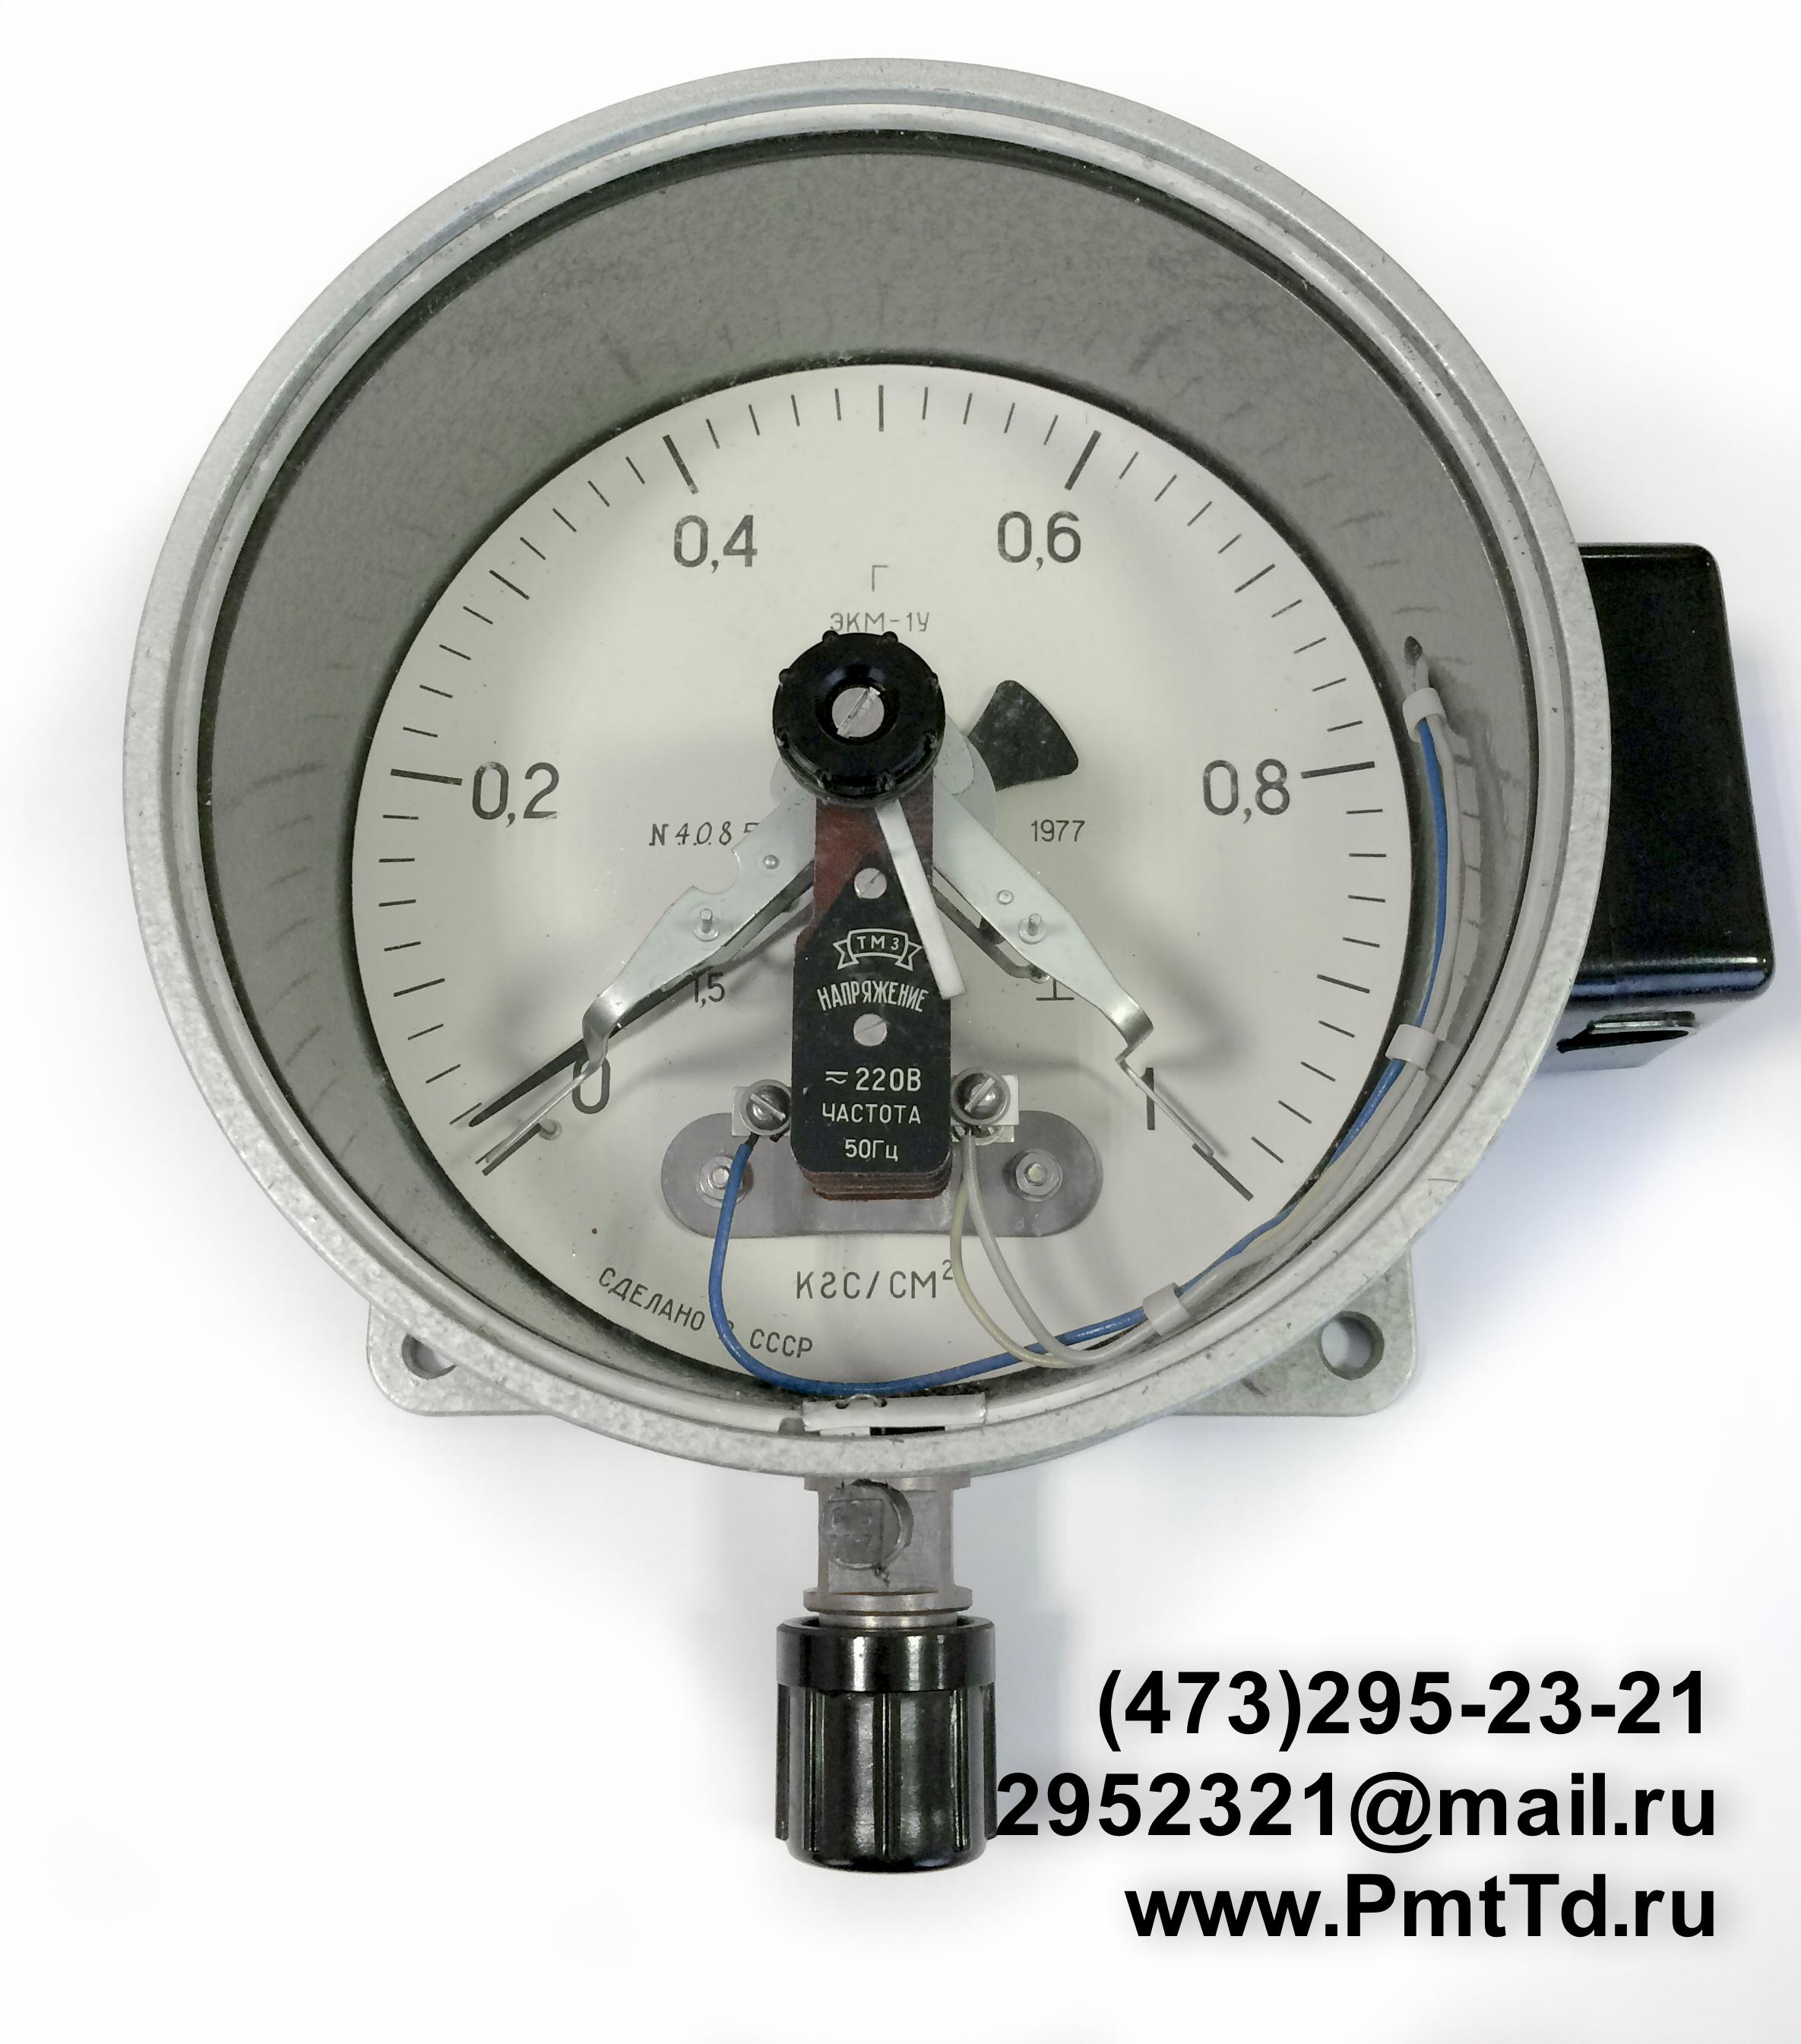 Электроконтактный манометр ЭКМ-1У 0-120 кгс/см2